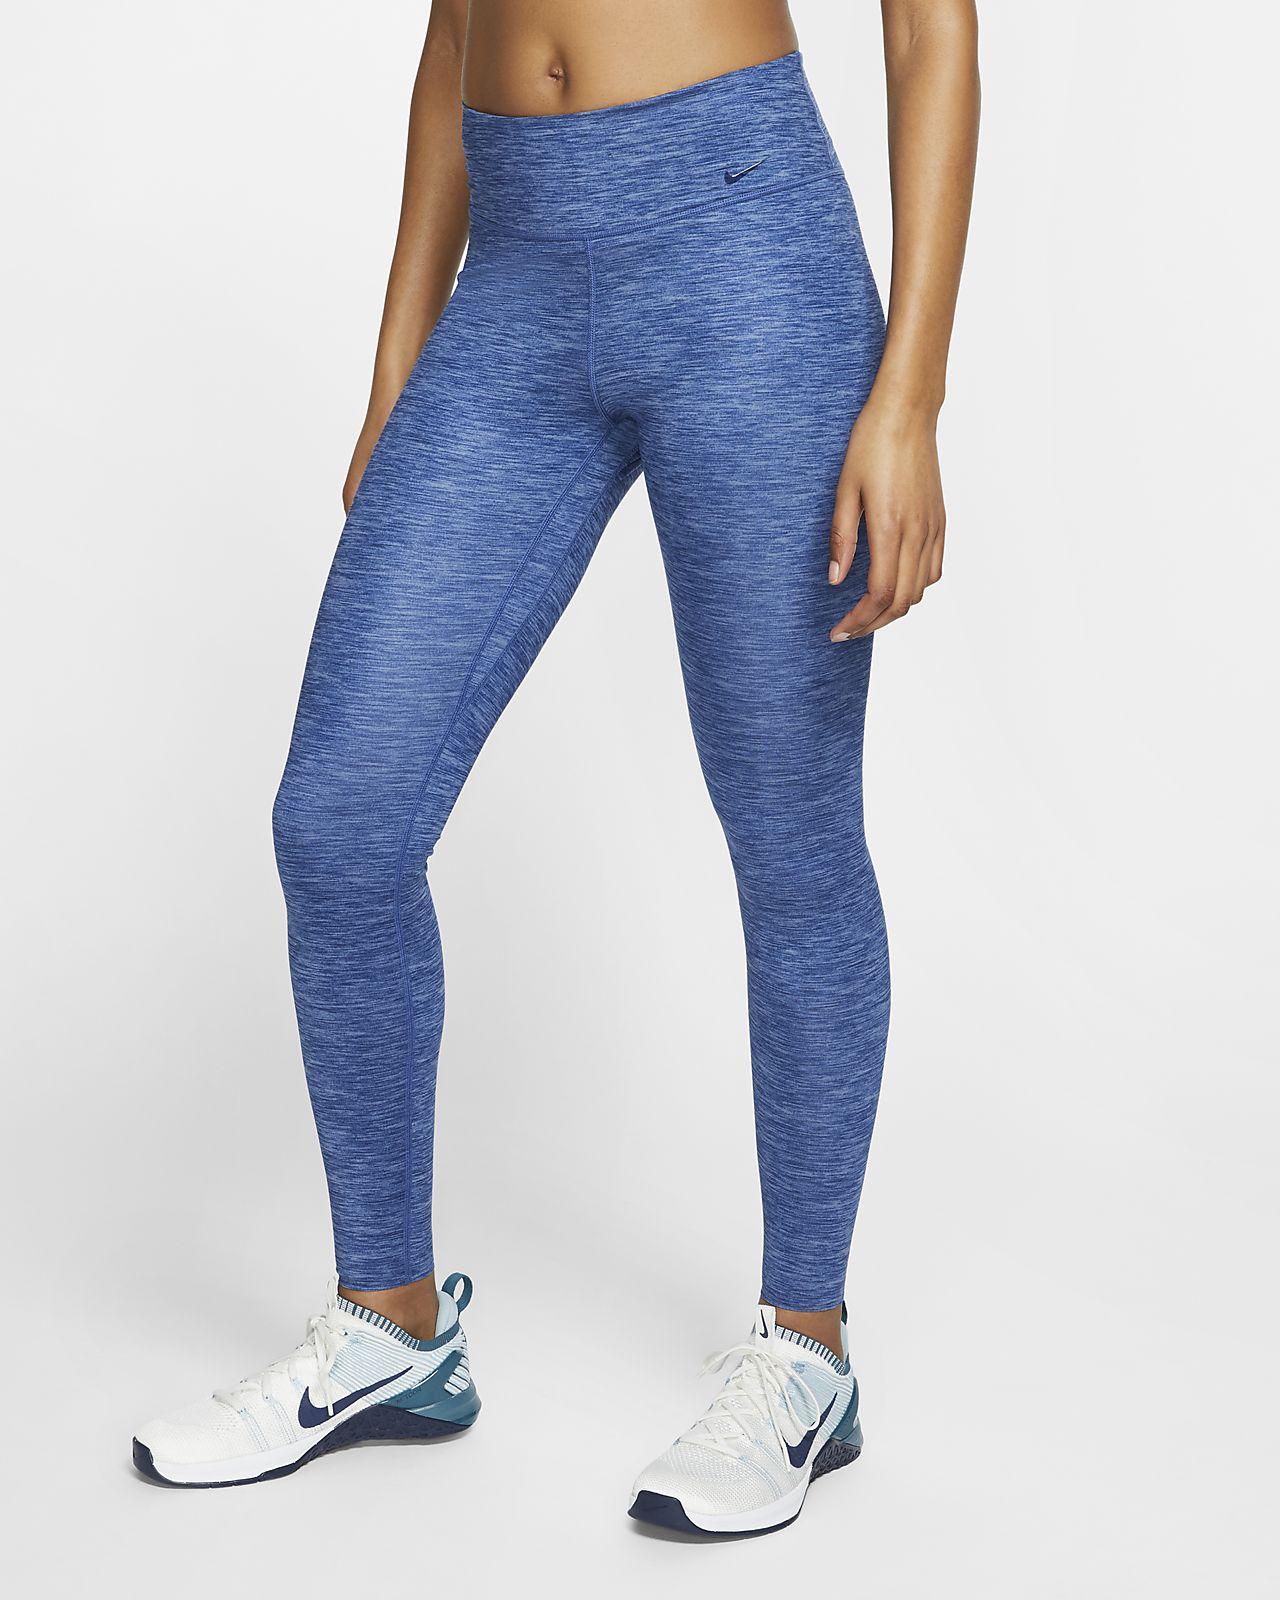 Mallas jaspeadas para mujer Nike One Luxe